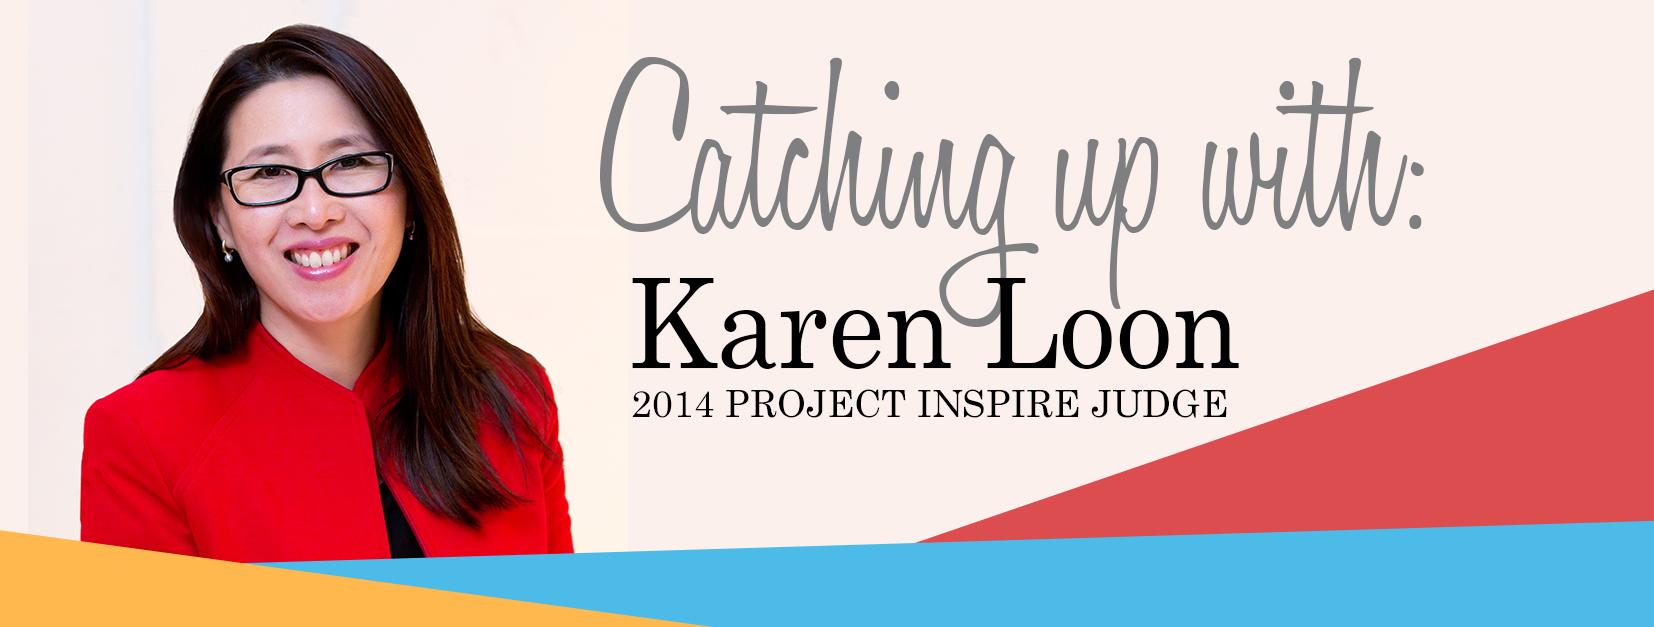 Karen Loon